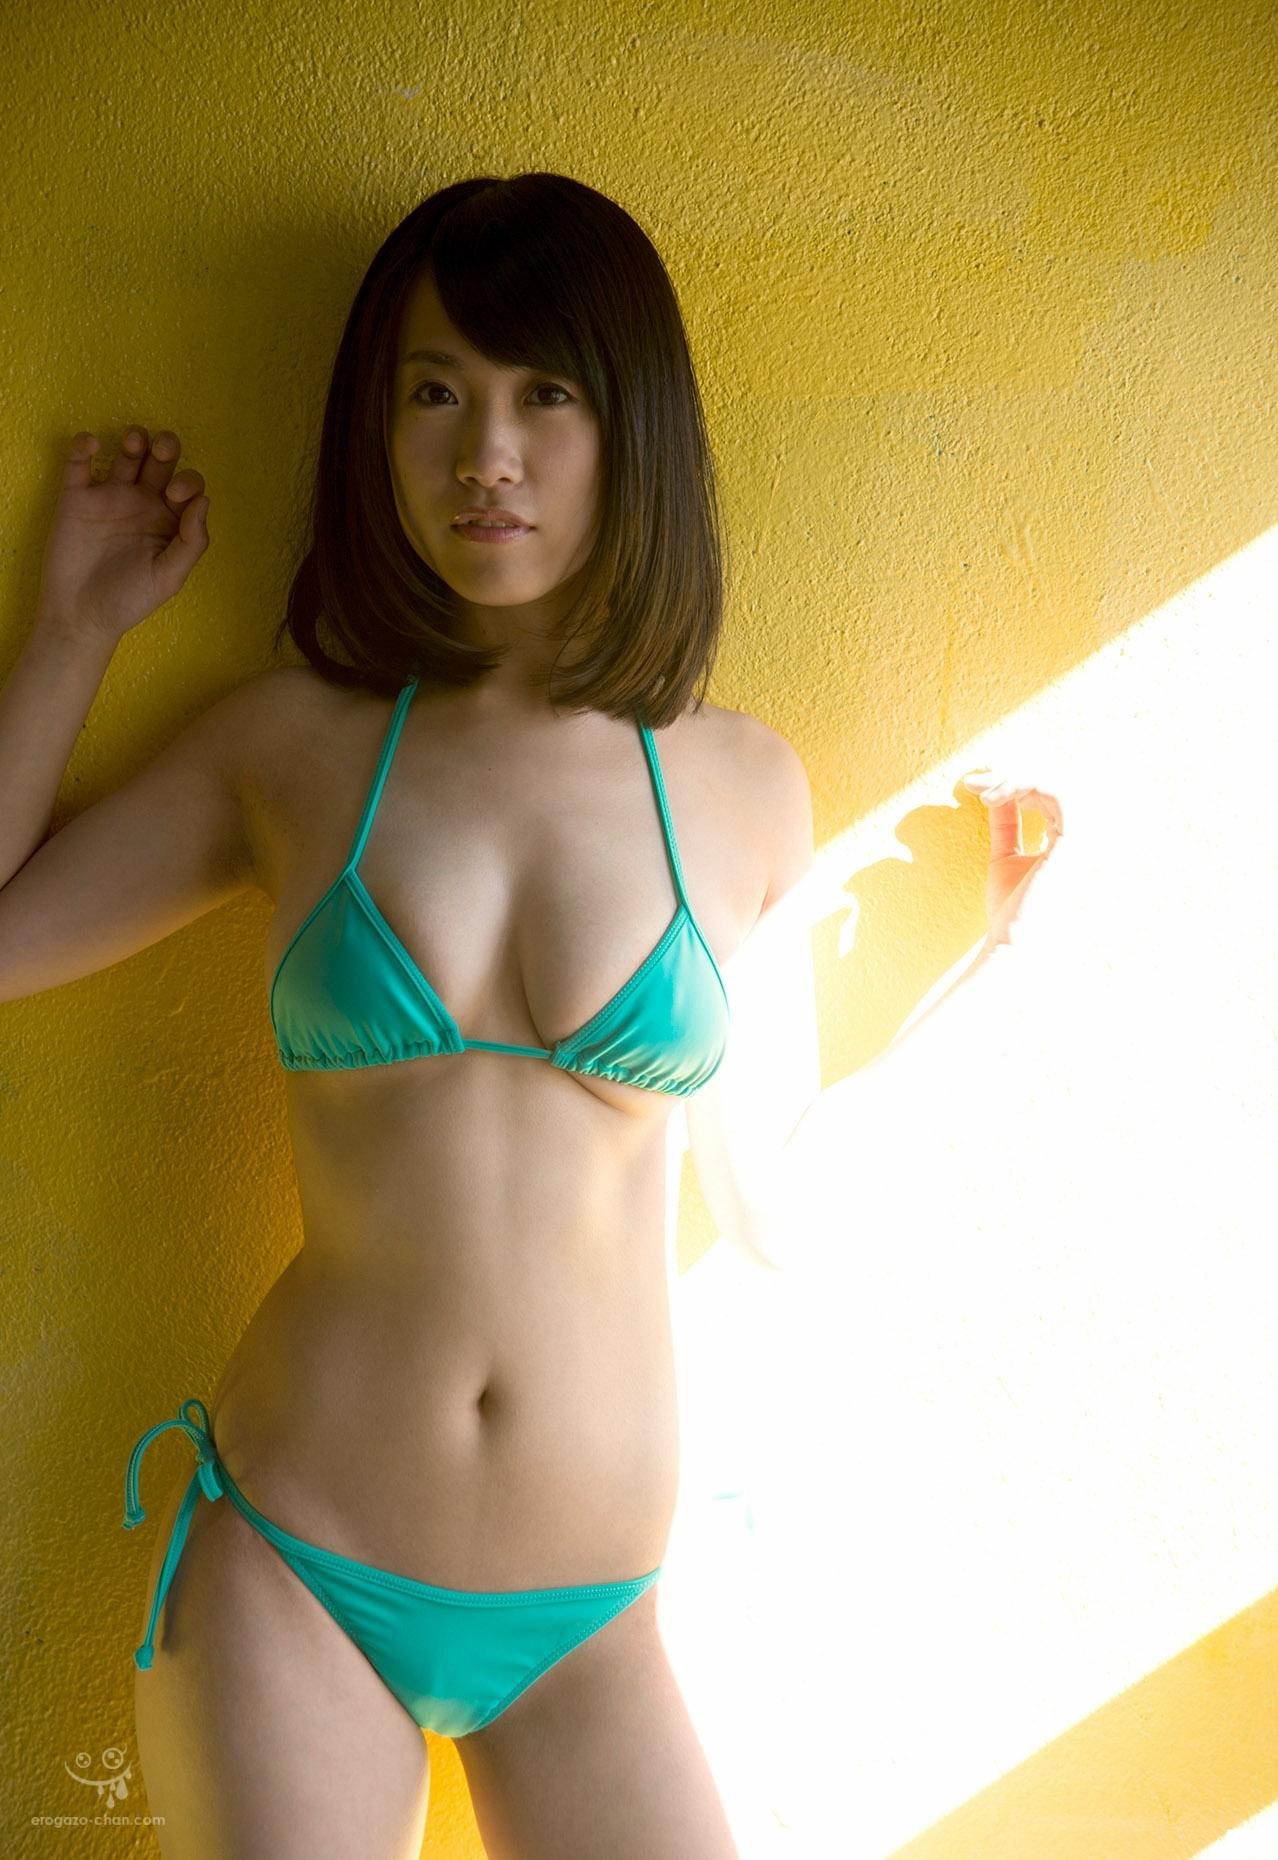 nagase_mami_1052-030.jpg